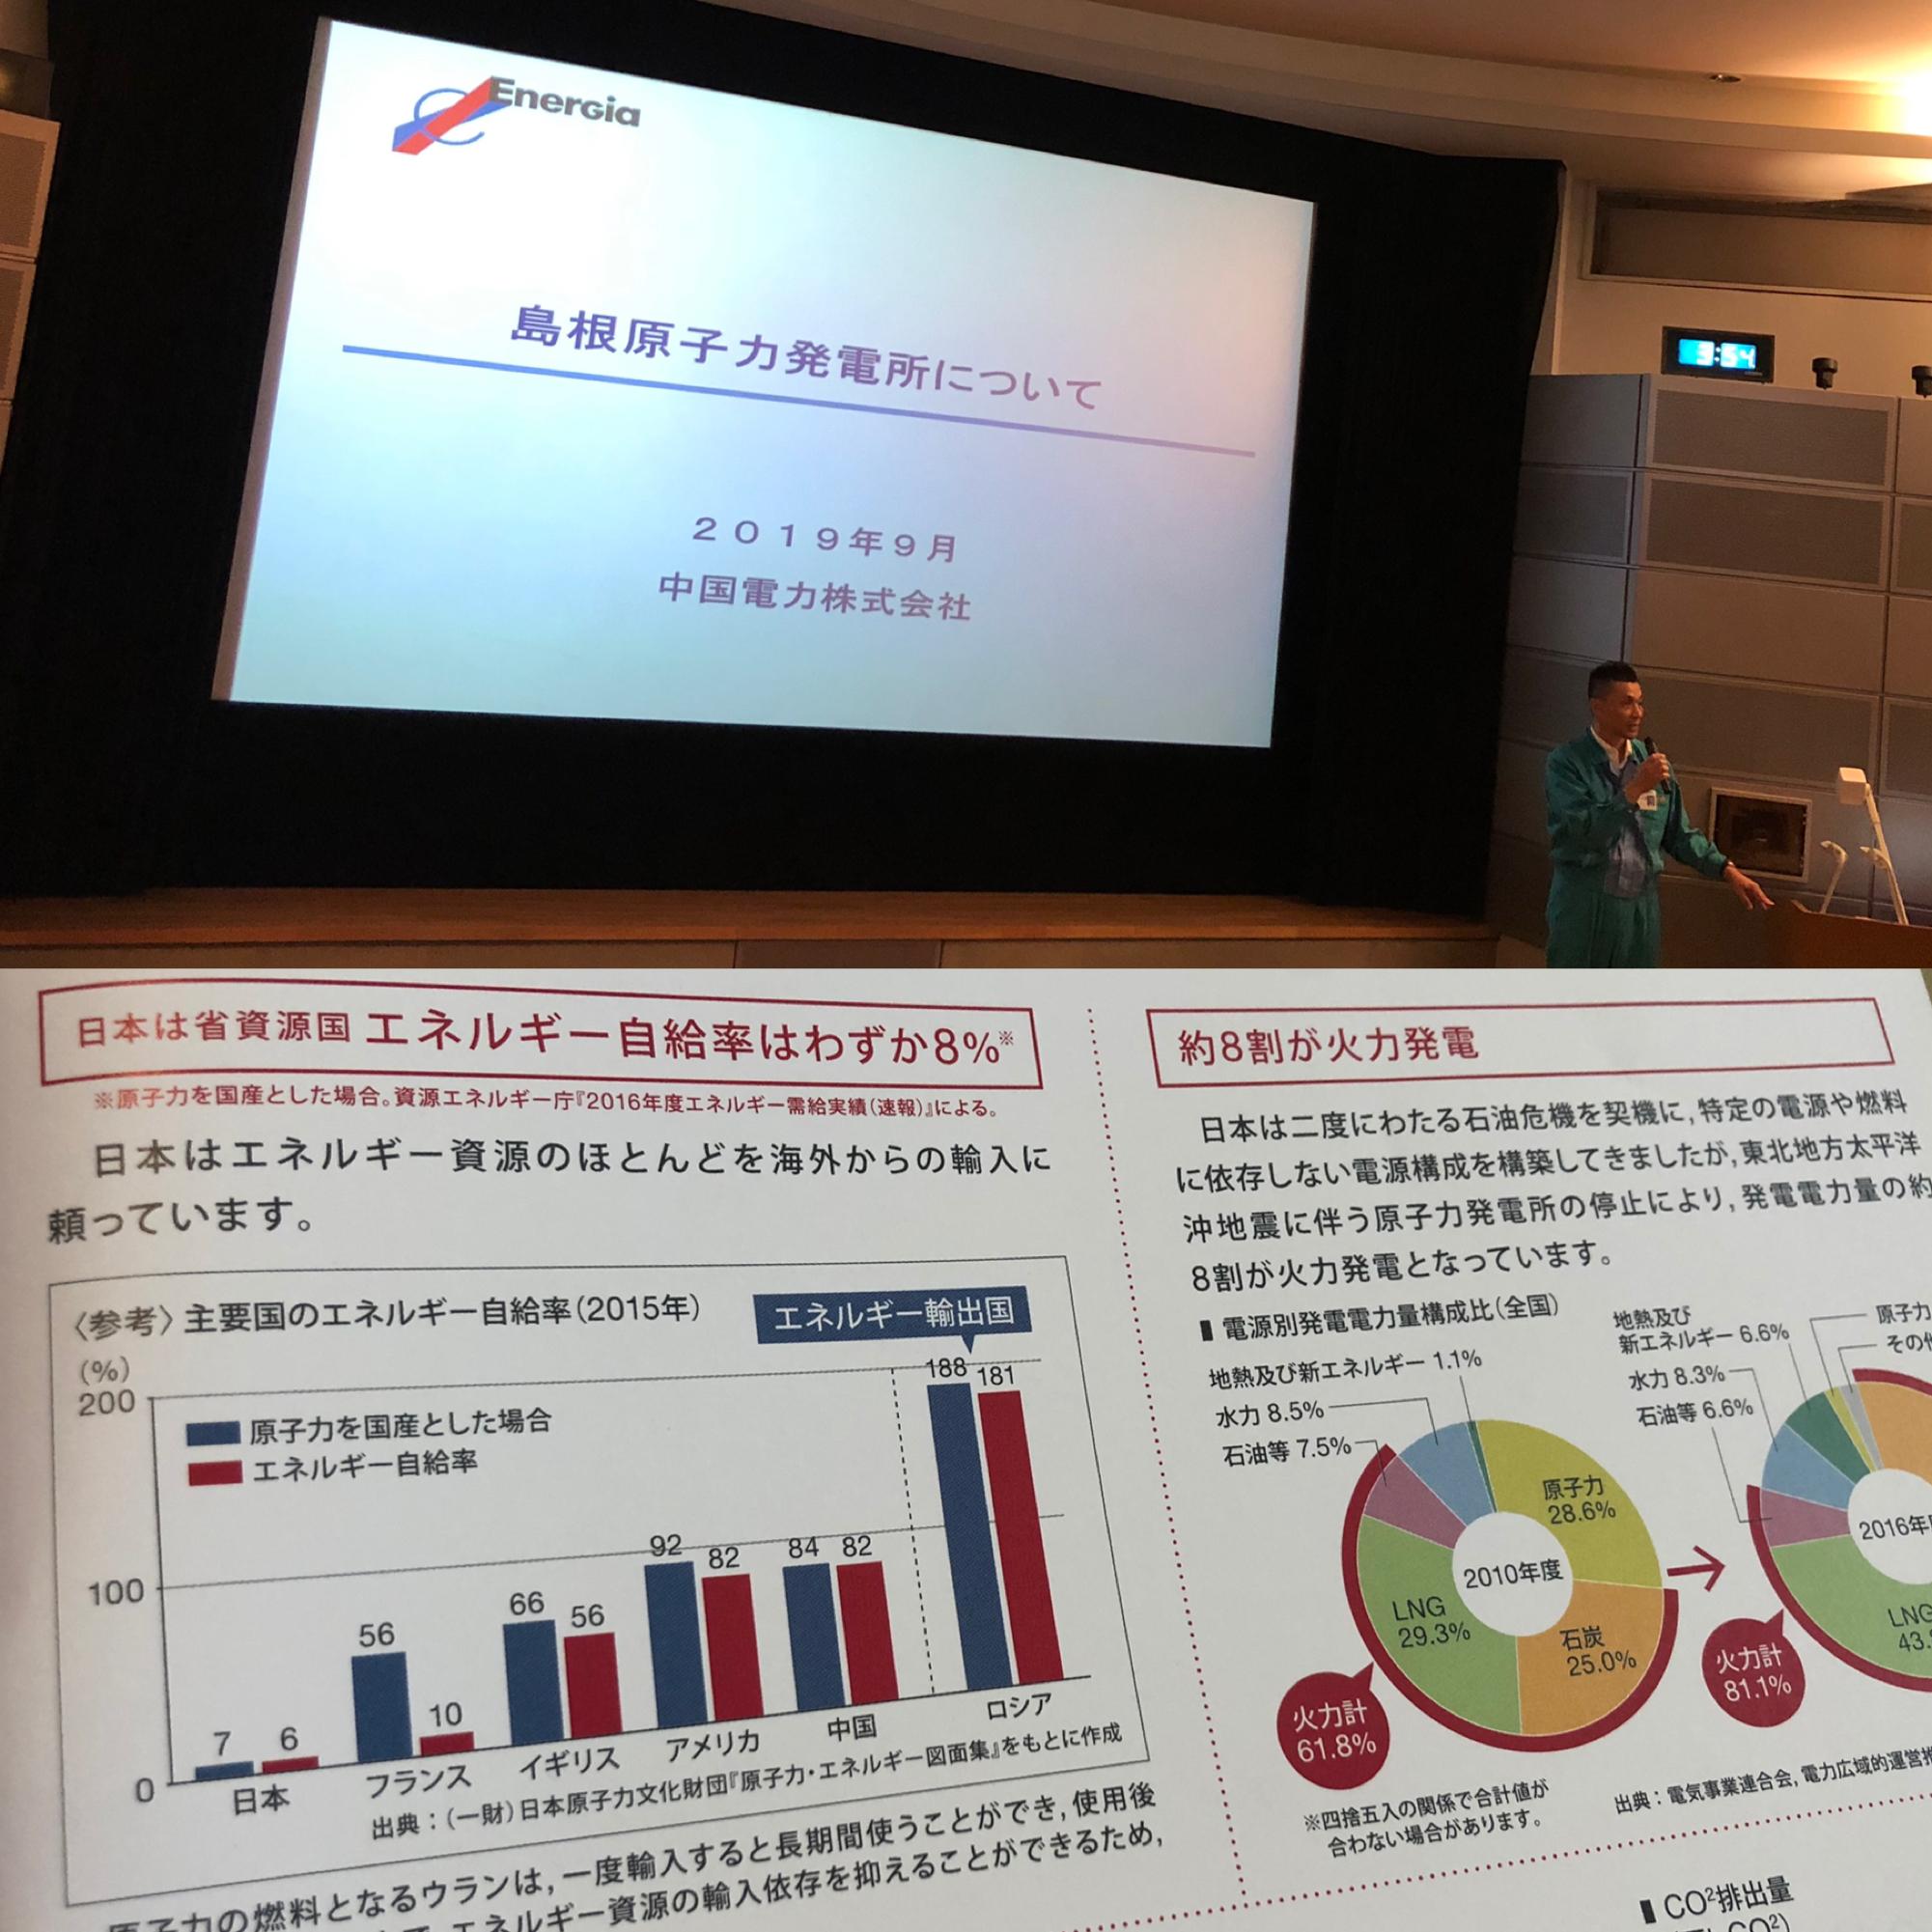 鳥取県電気工事業工業組合 3支部合同研修 島根原子力発電所見学